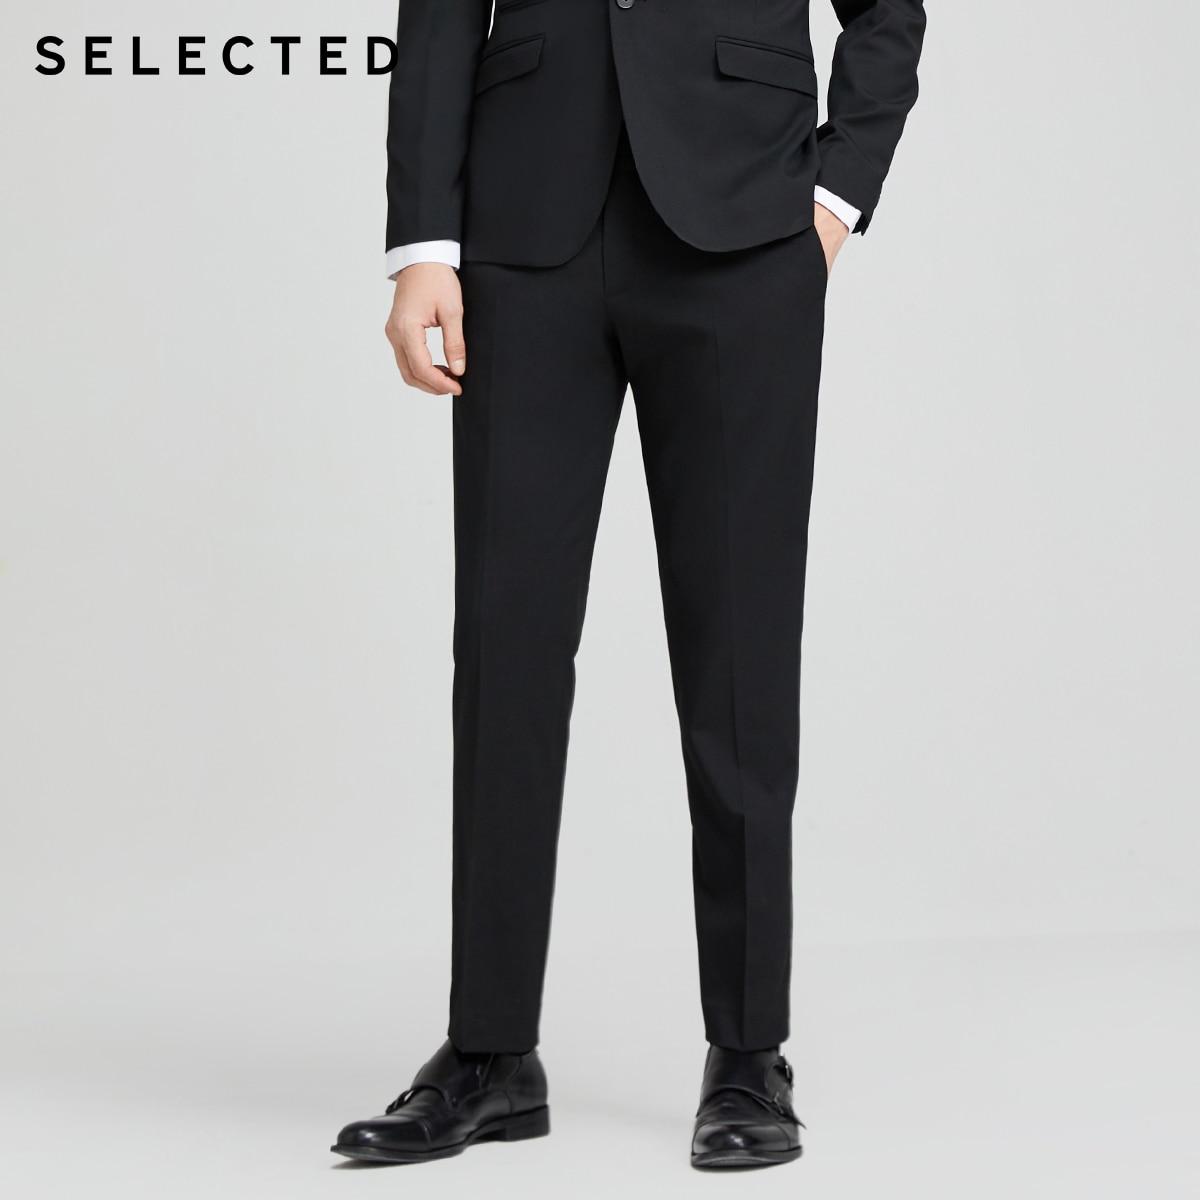 SELECTED Men's Pure Color Regular Business Slim Fit Suit Pants S|42016A510